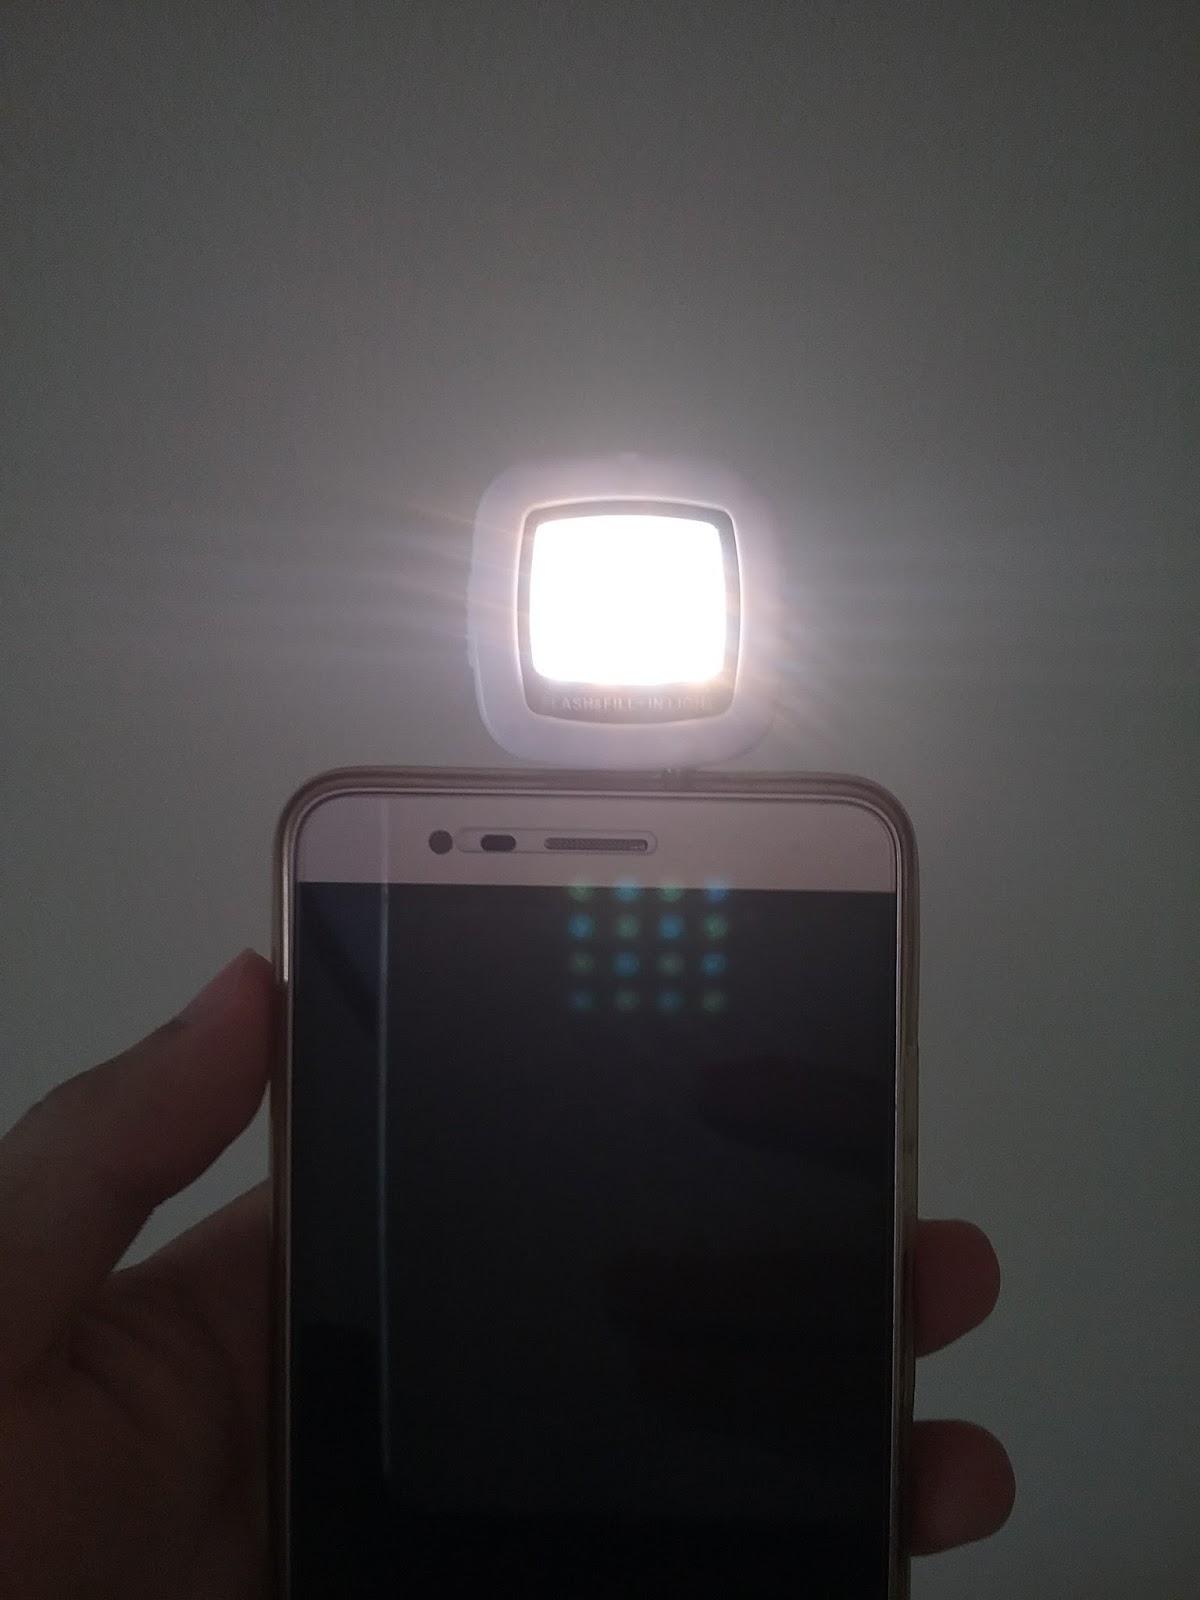 Điều chỉnh độ sáng bằng tay cho đèn selfie